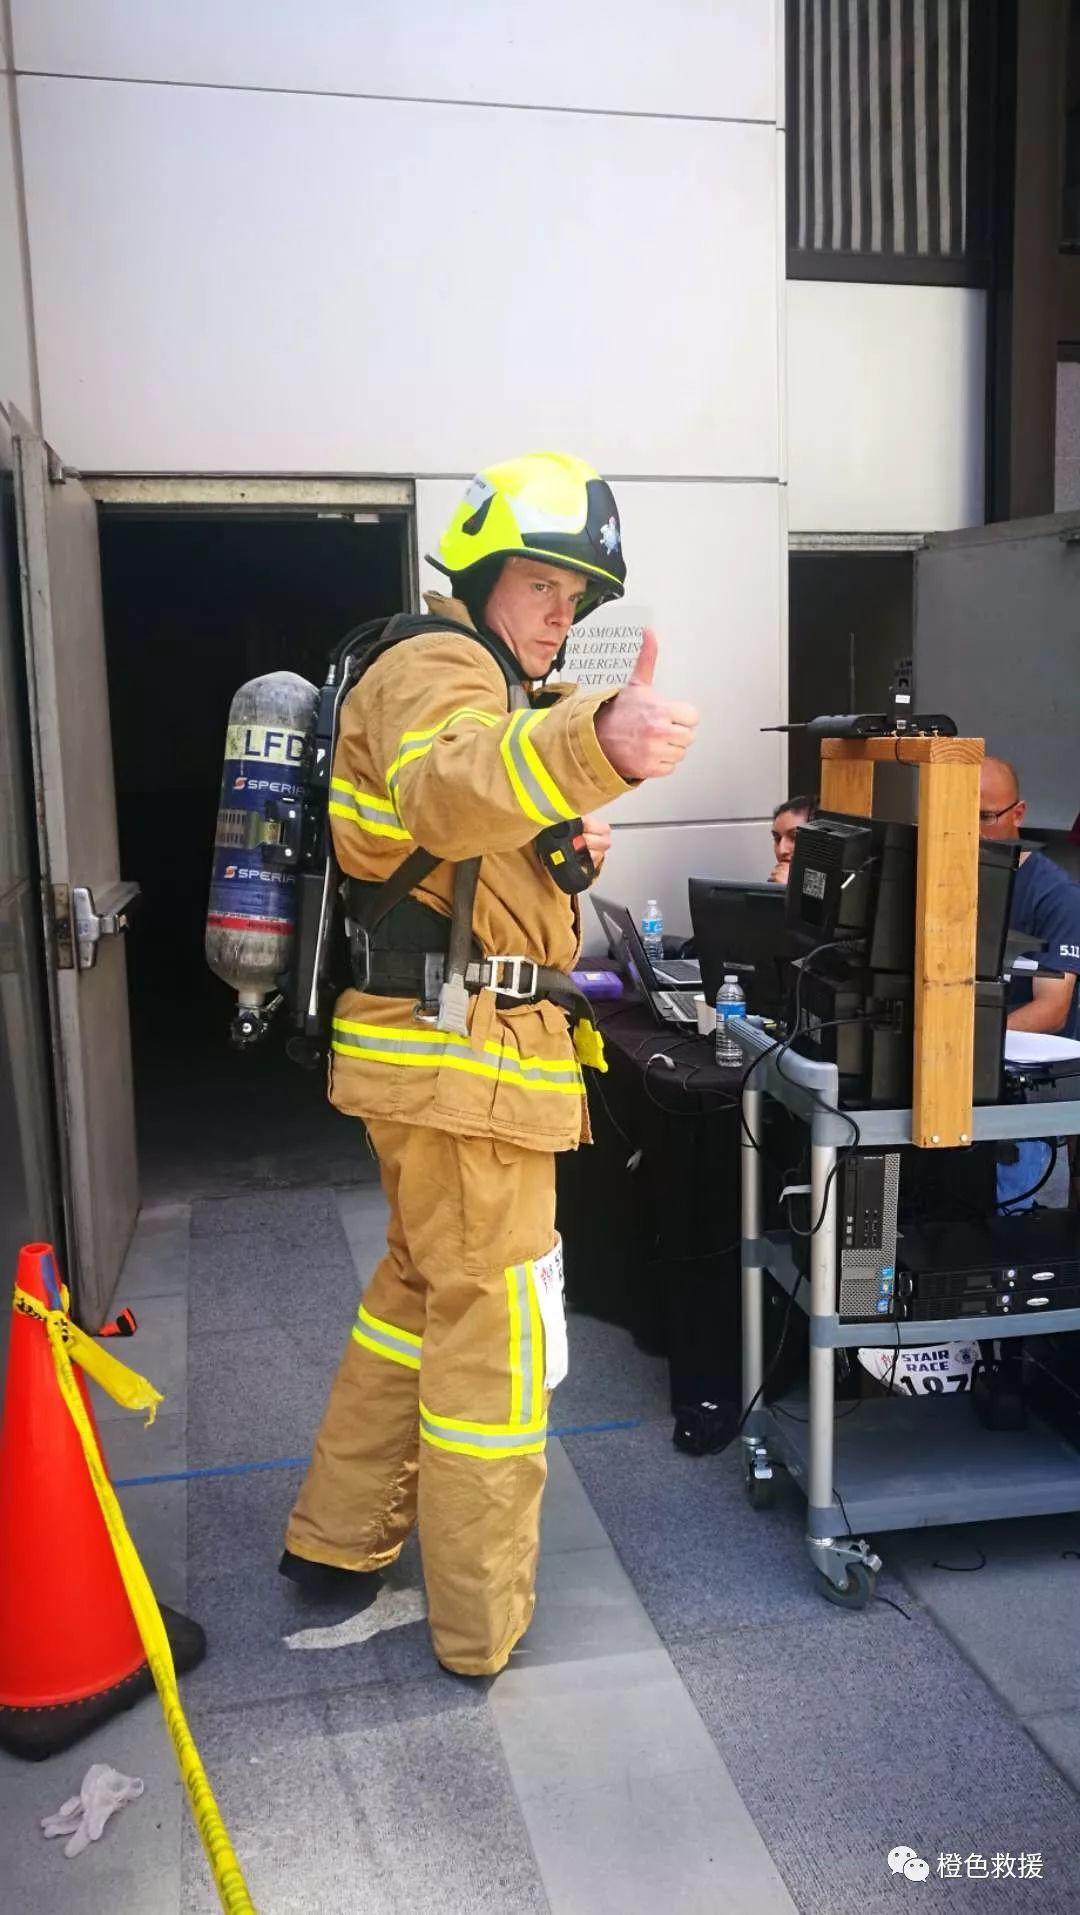 战训沙龙第5期丨世界警察和消防员运动会